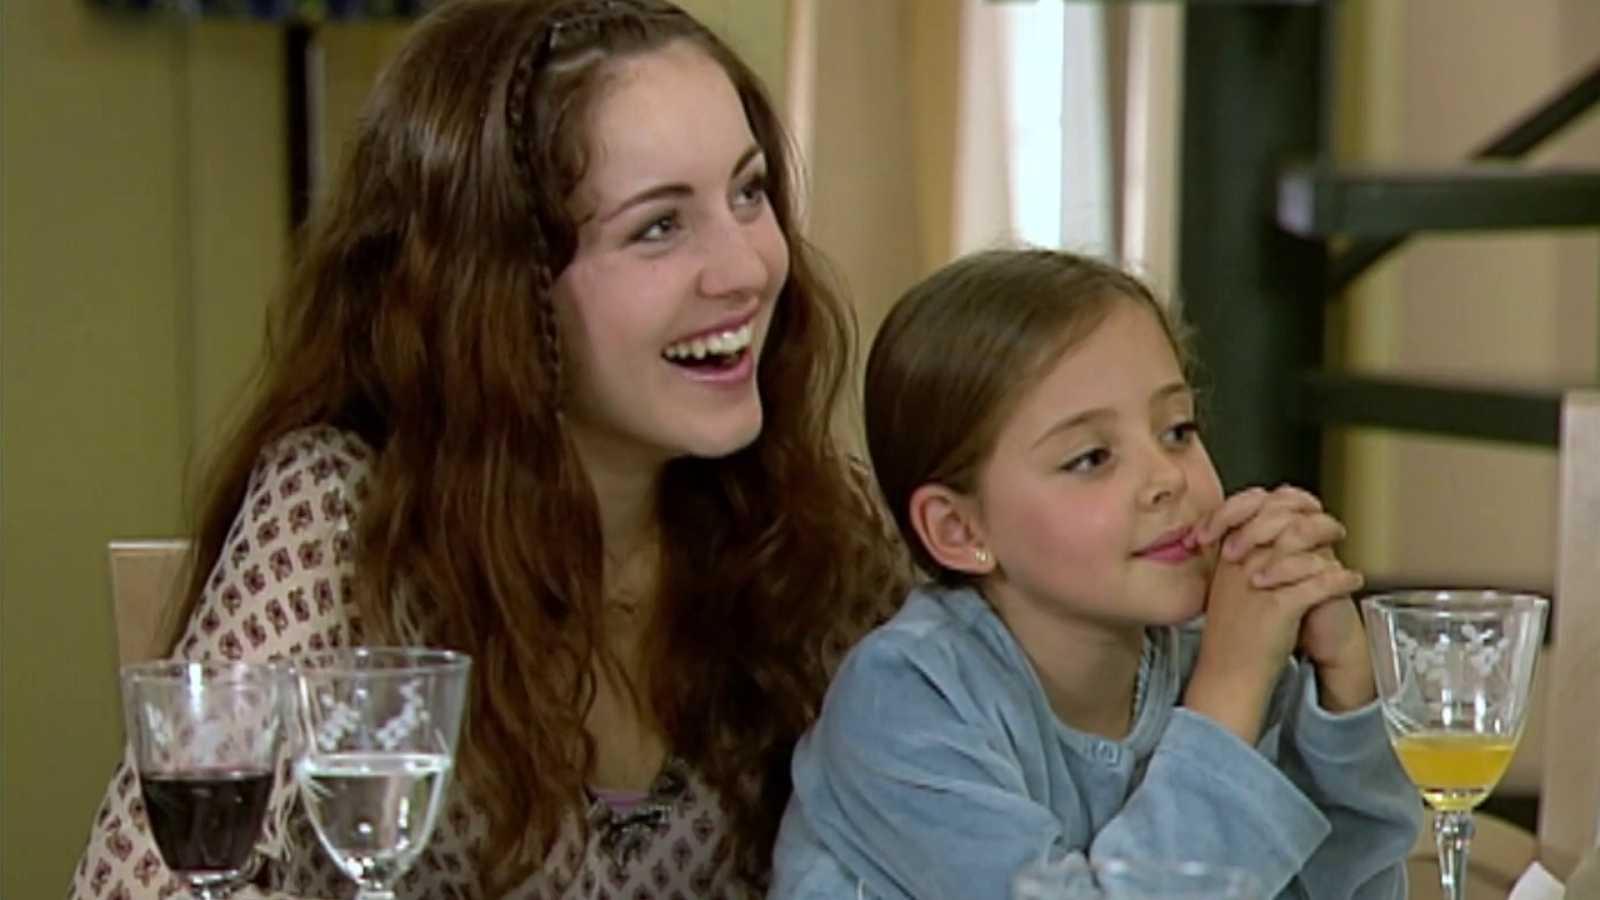 50f792f79 ... Ana y los siete - La boda - Ana decide no estar presente en la  ceremonia reproducir video